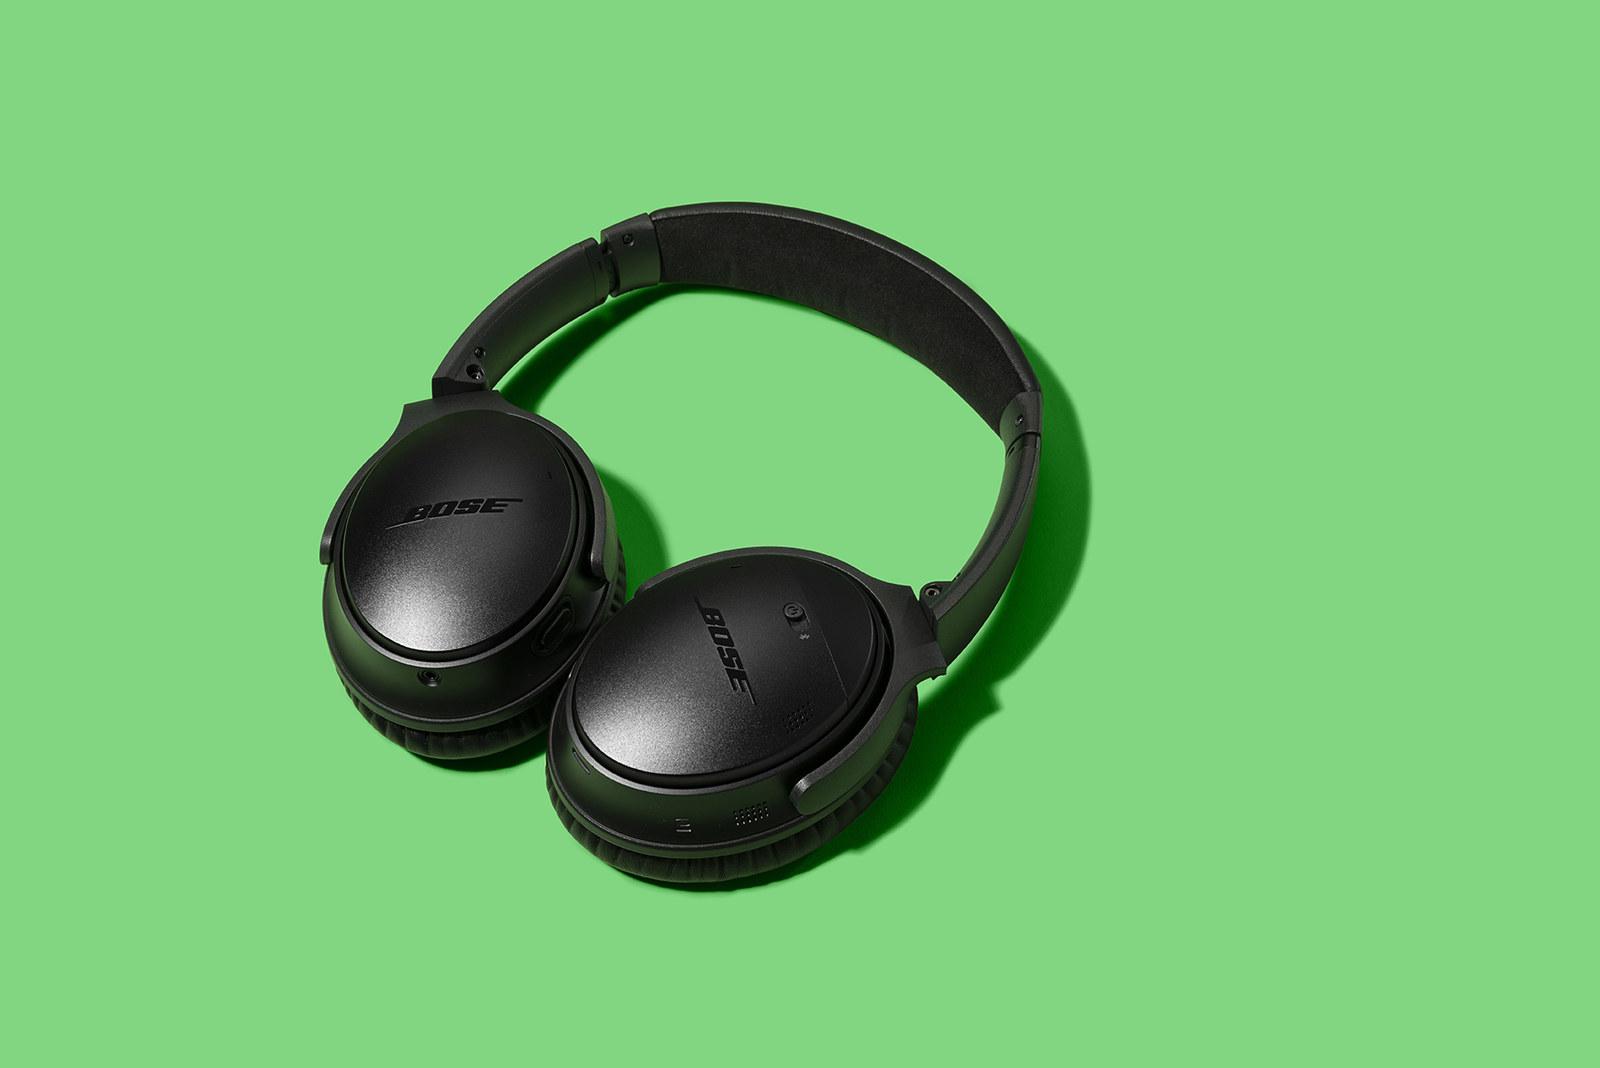 Bose headphones in black